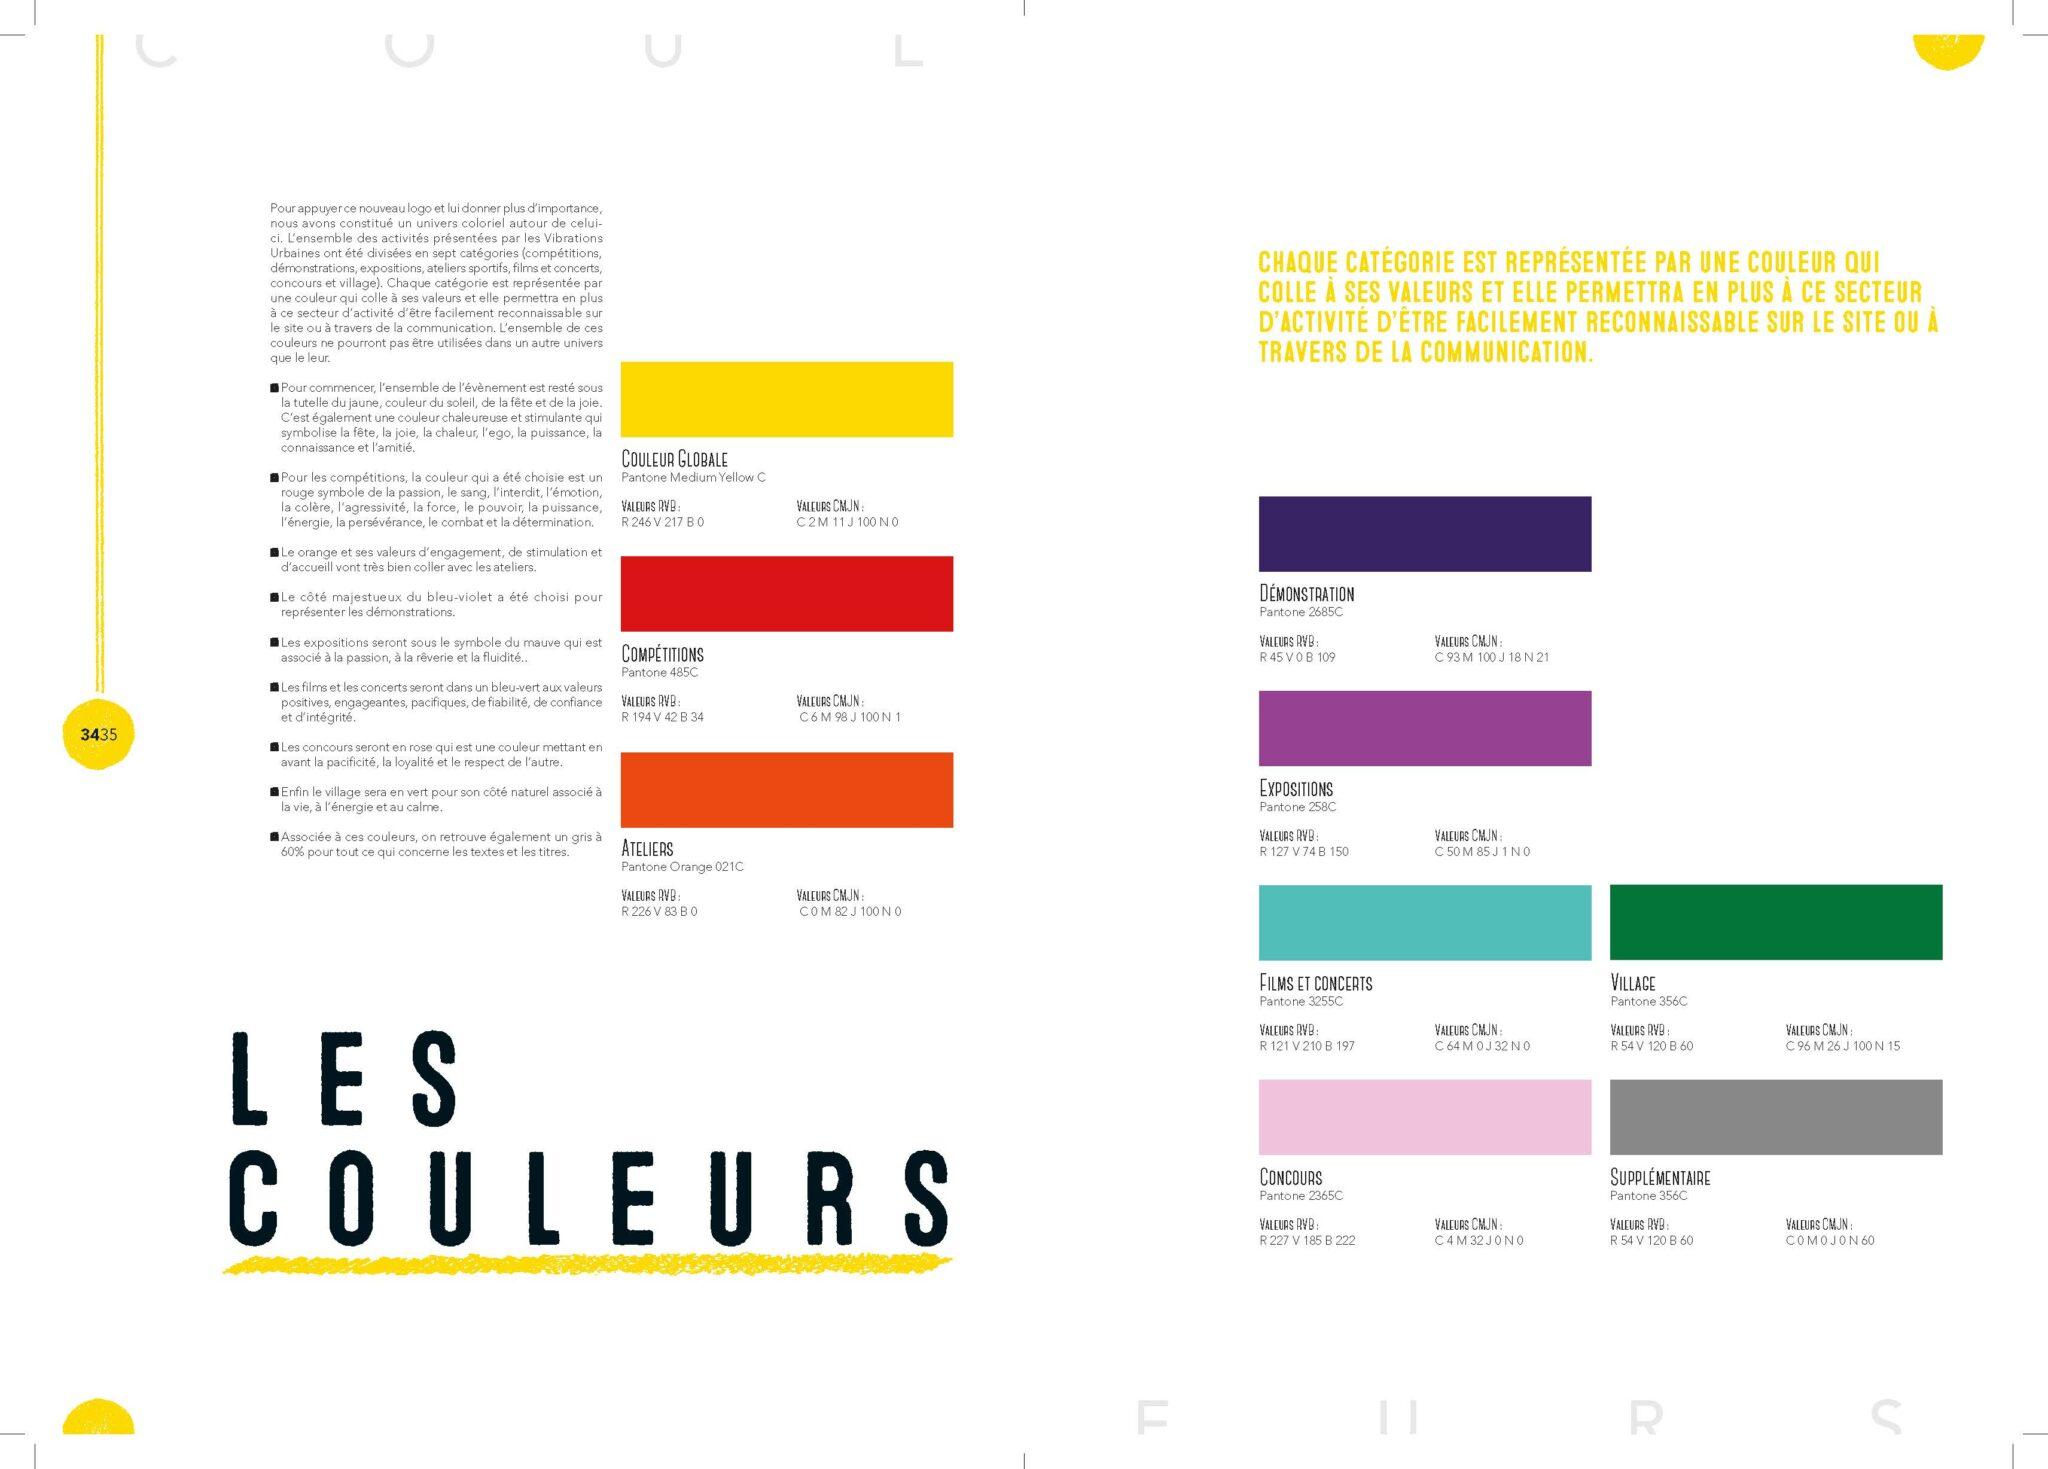 Présentation des couleurs utilisées.